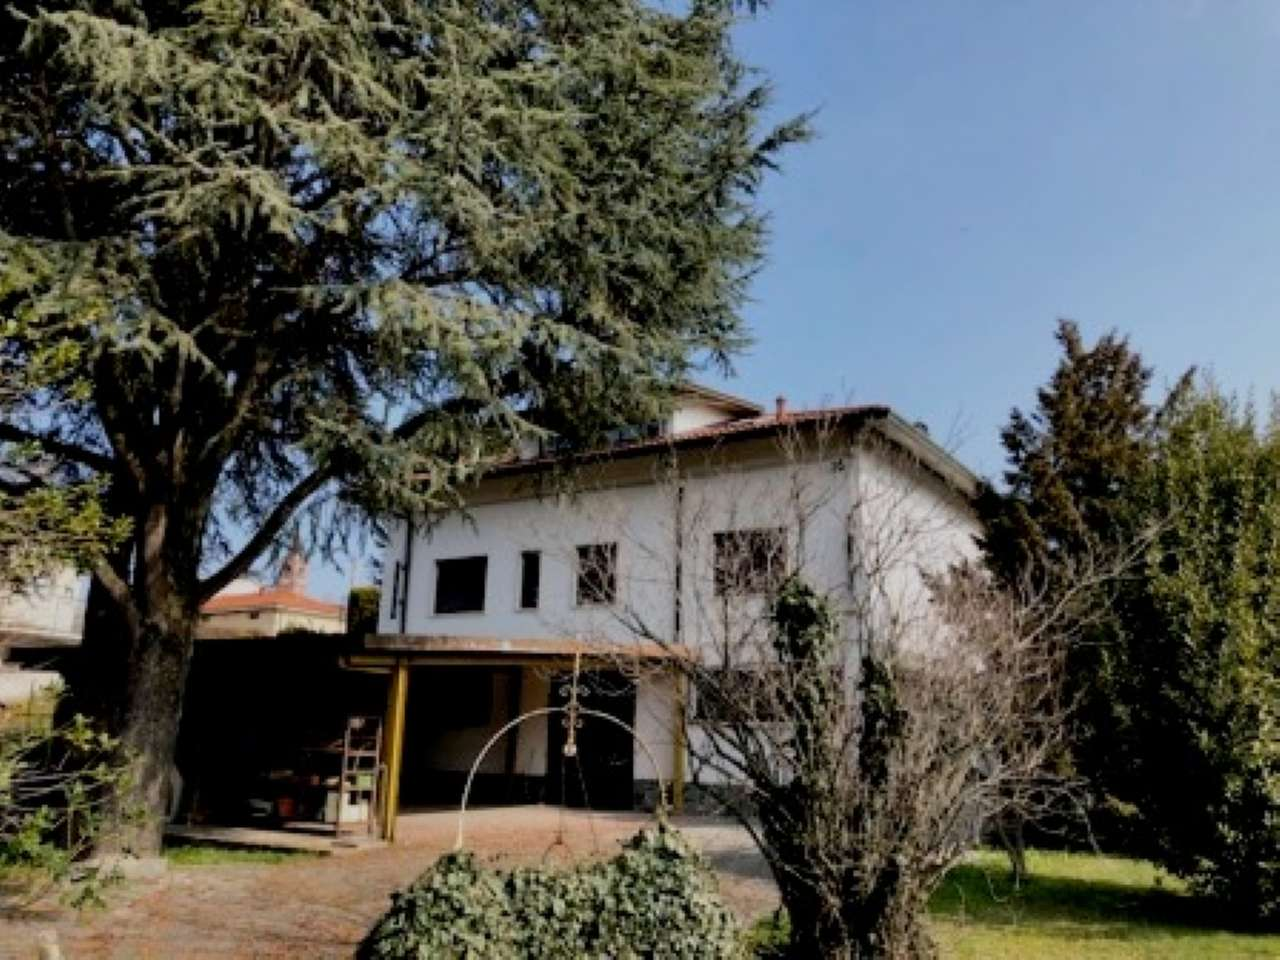 Villa Bifamiliare in vendita a Carbonate, 8 locali, Trattative riservate | CambioCasa.it